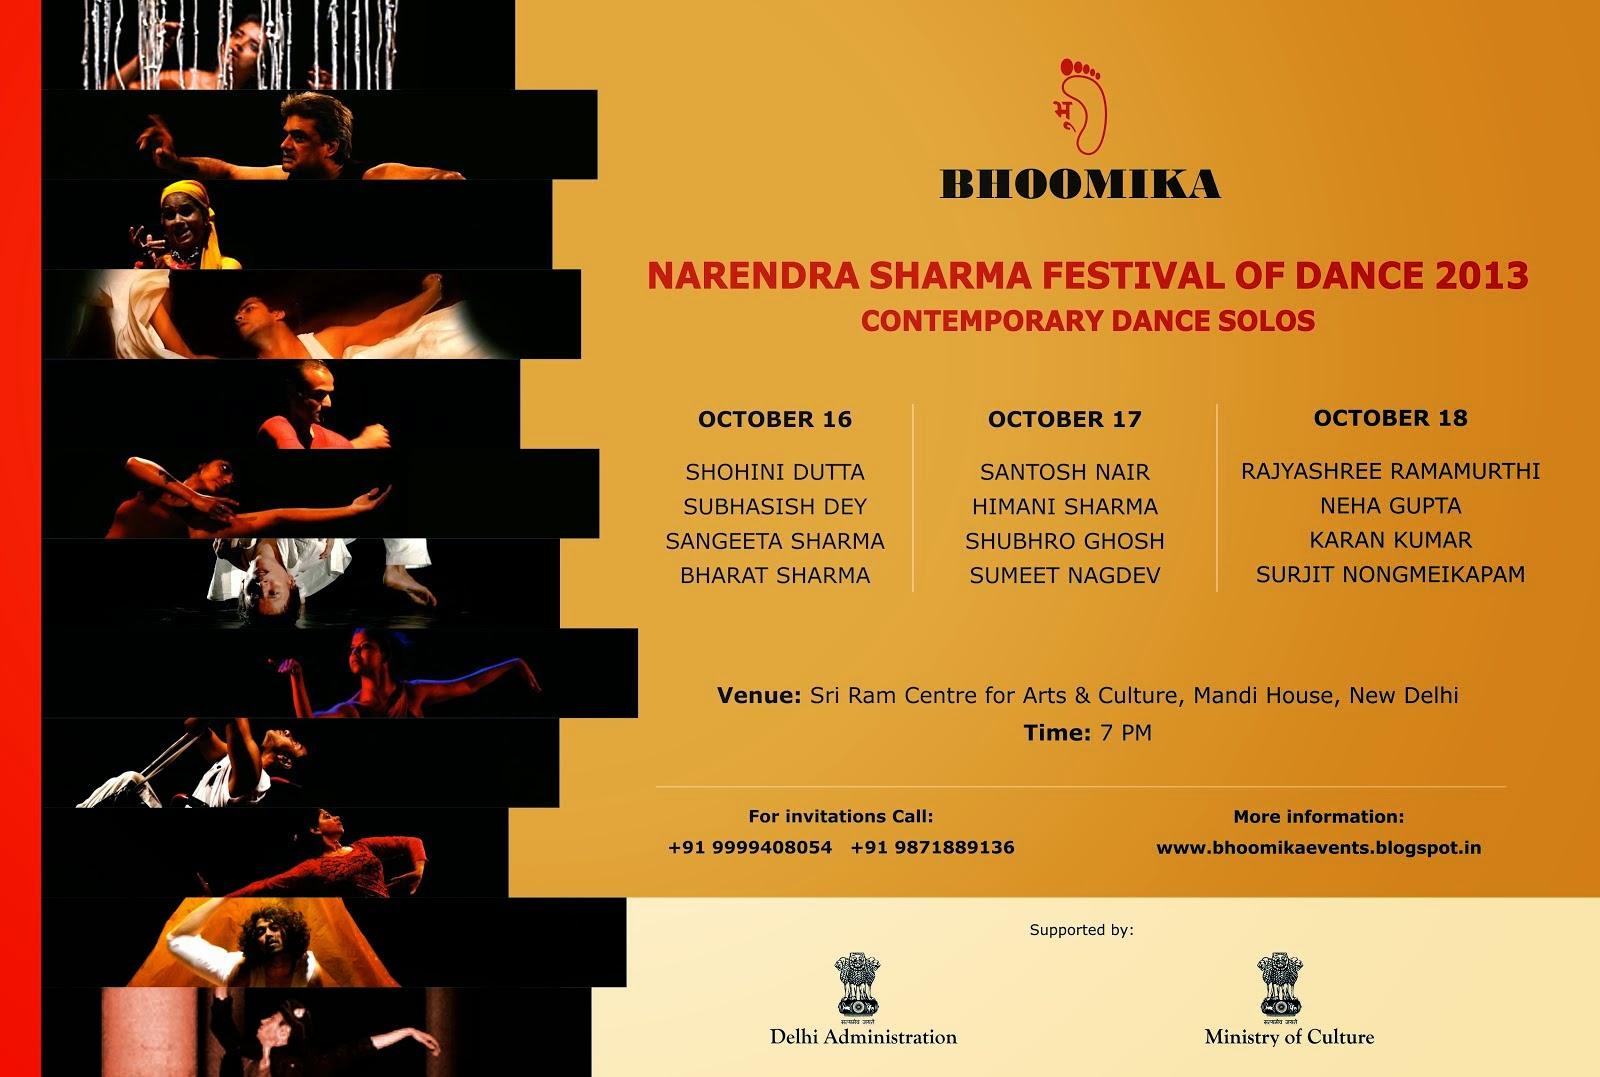 BHOOMIKA EVENTS